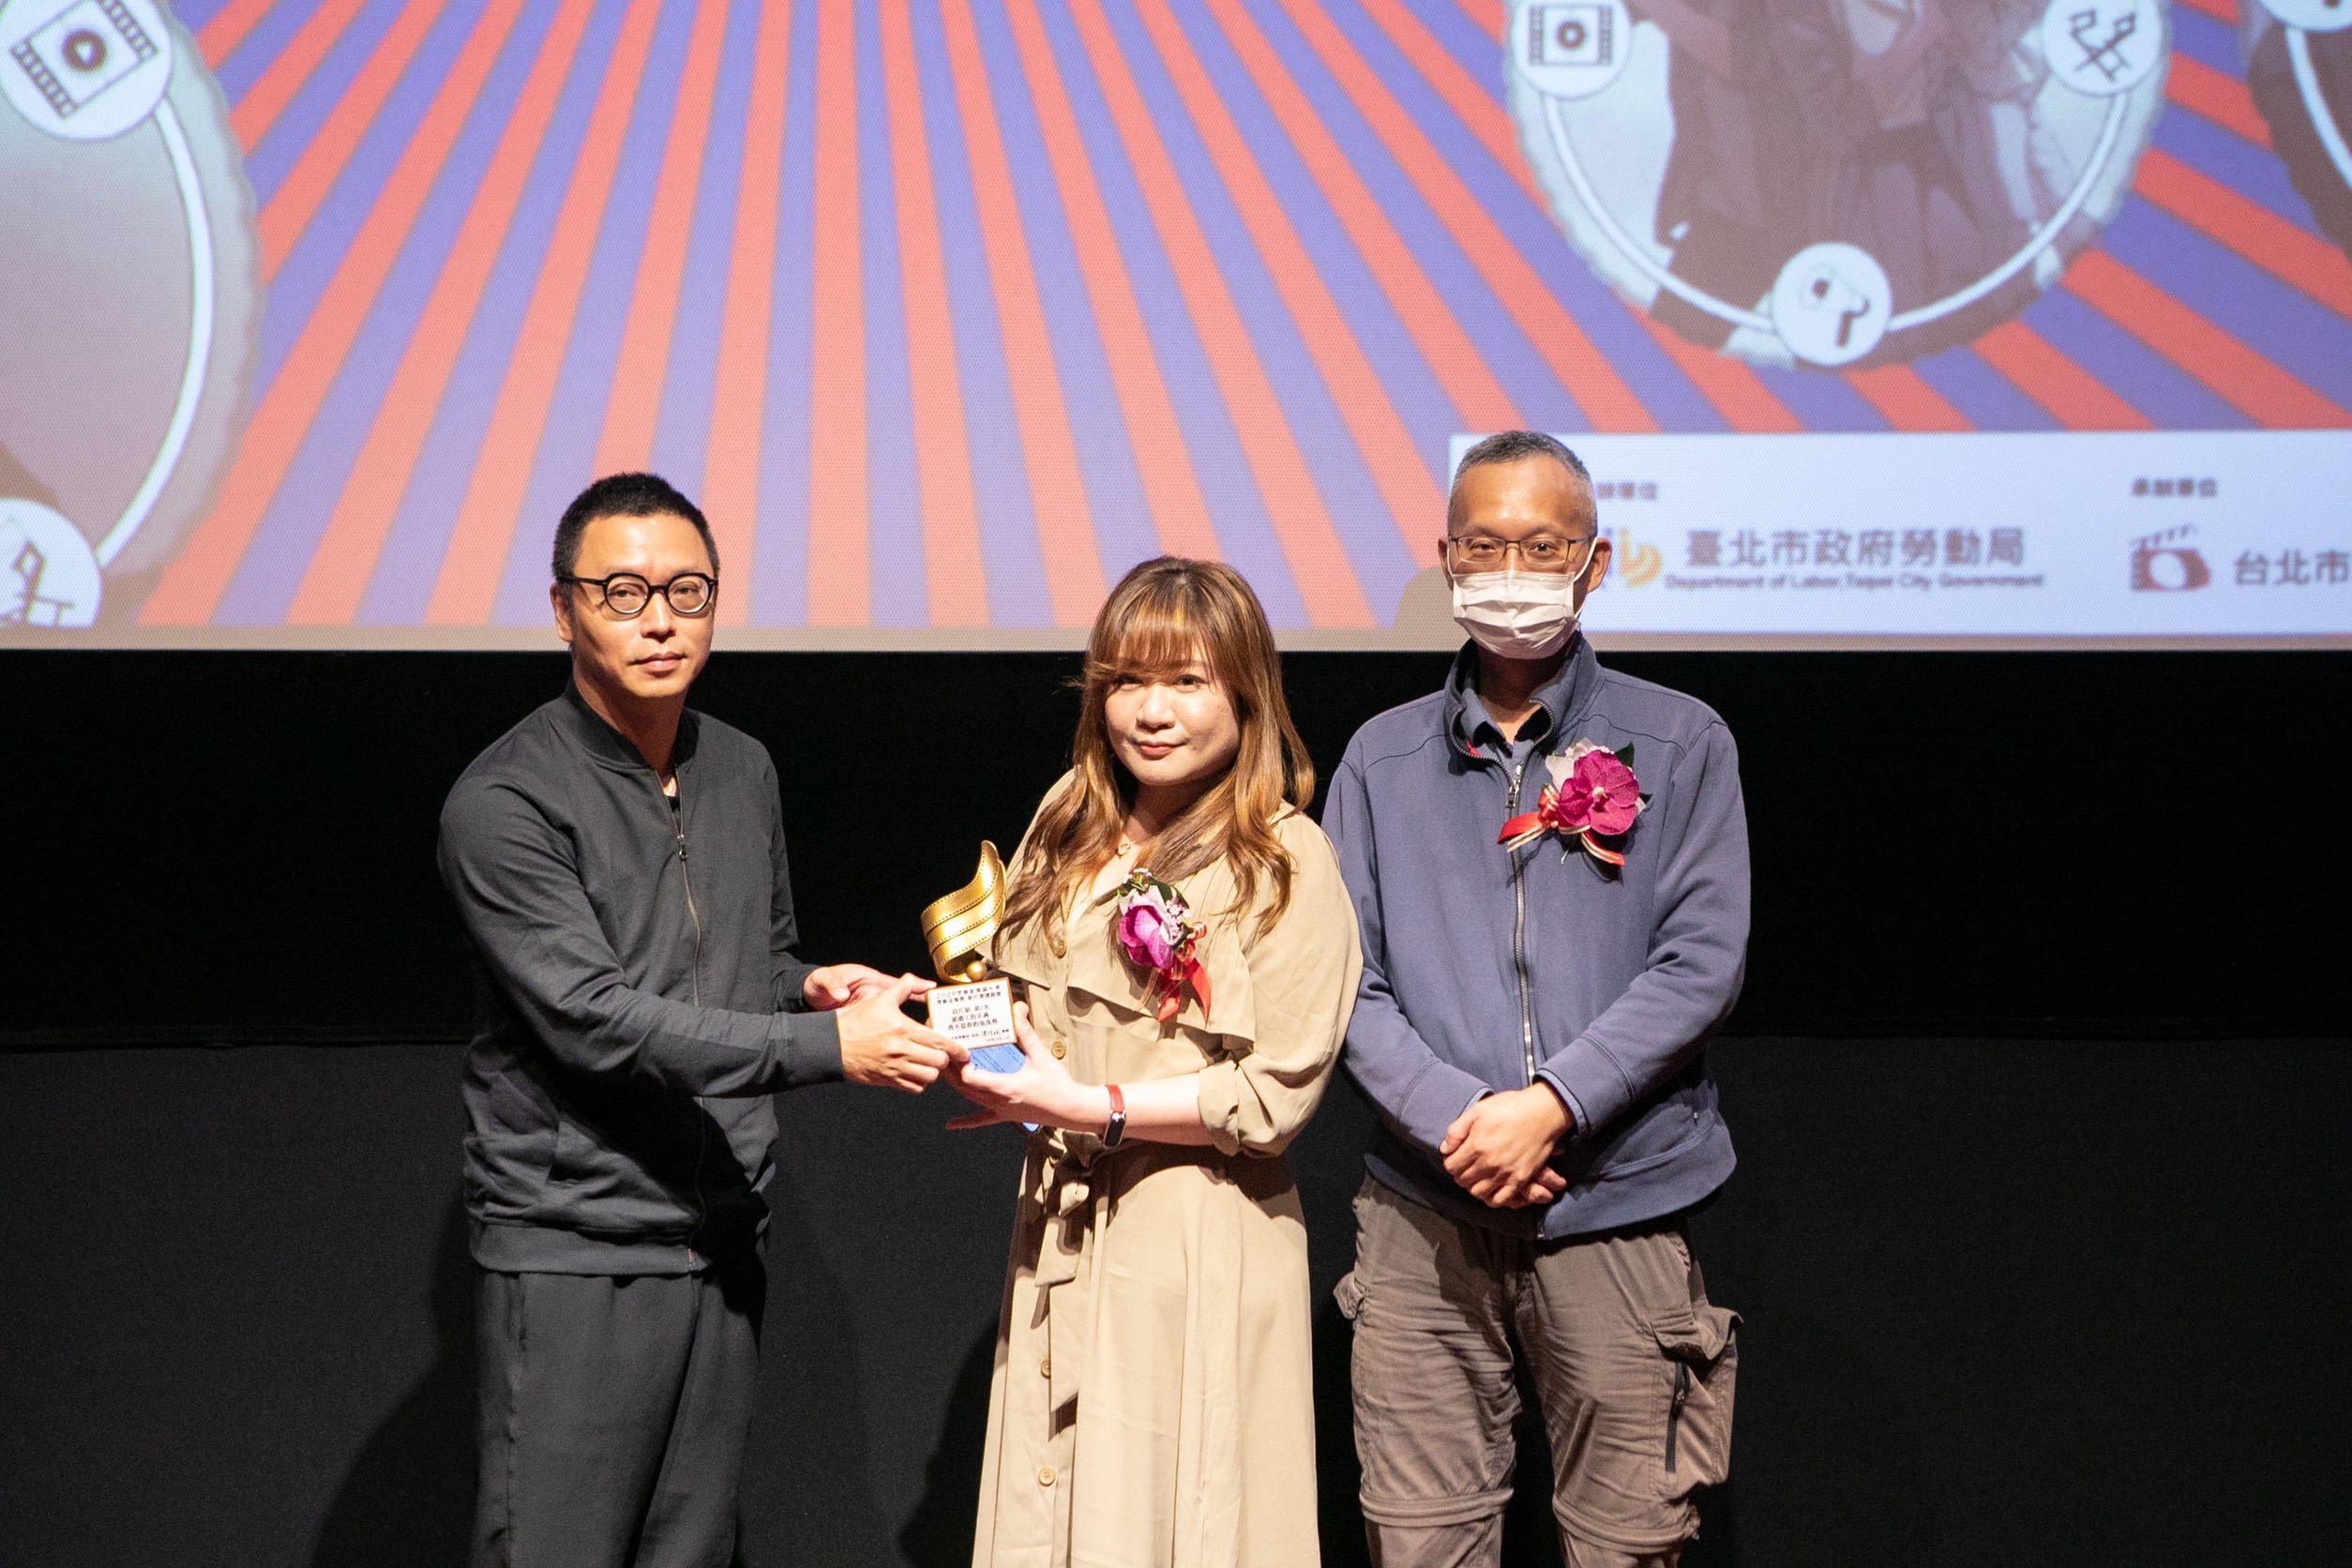 沈可尚評審頒發長片組第2名予林上筠、柯勝雄執導《派遣工的正義—我不是你的免洗筷》